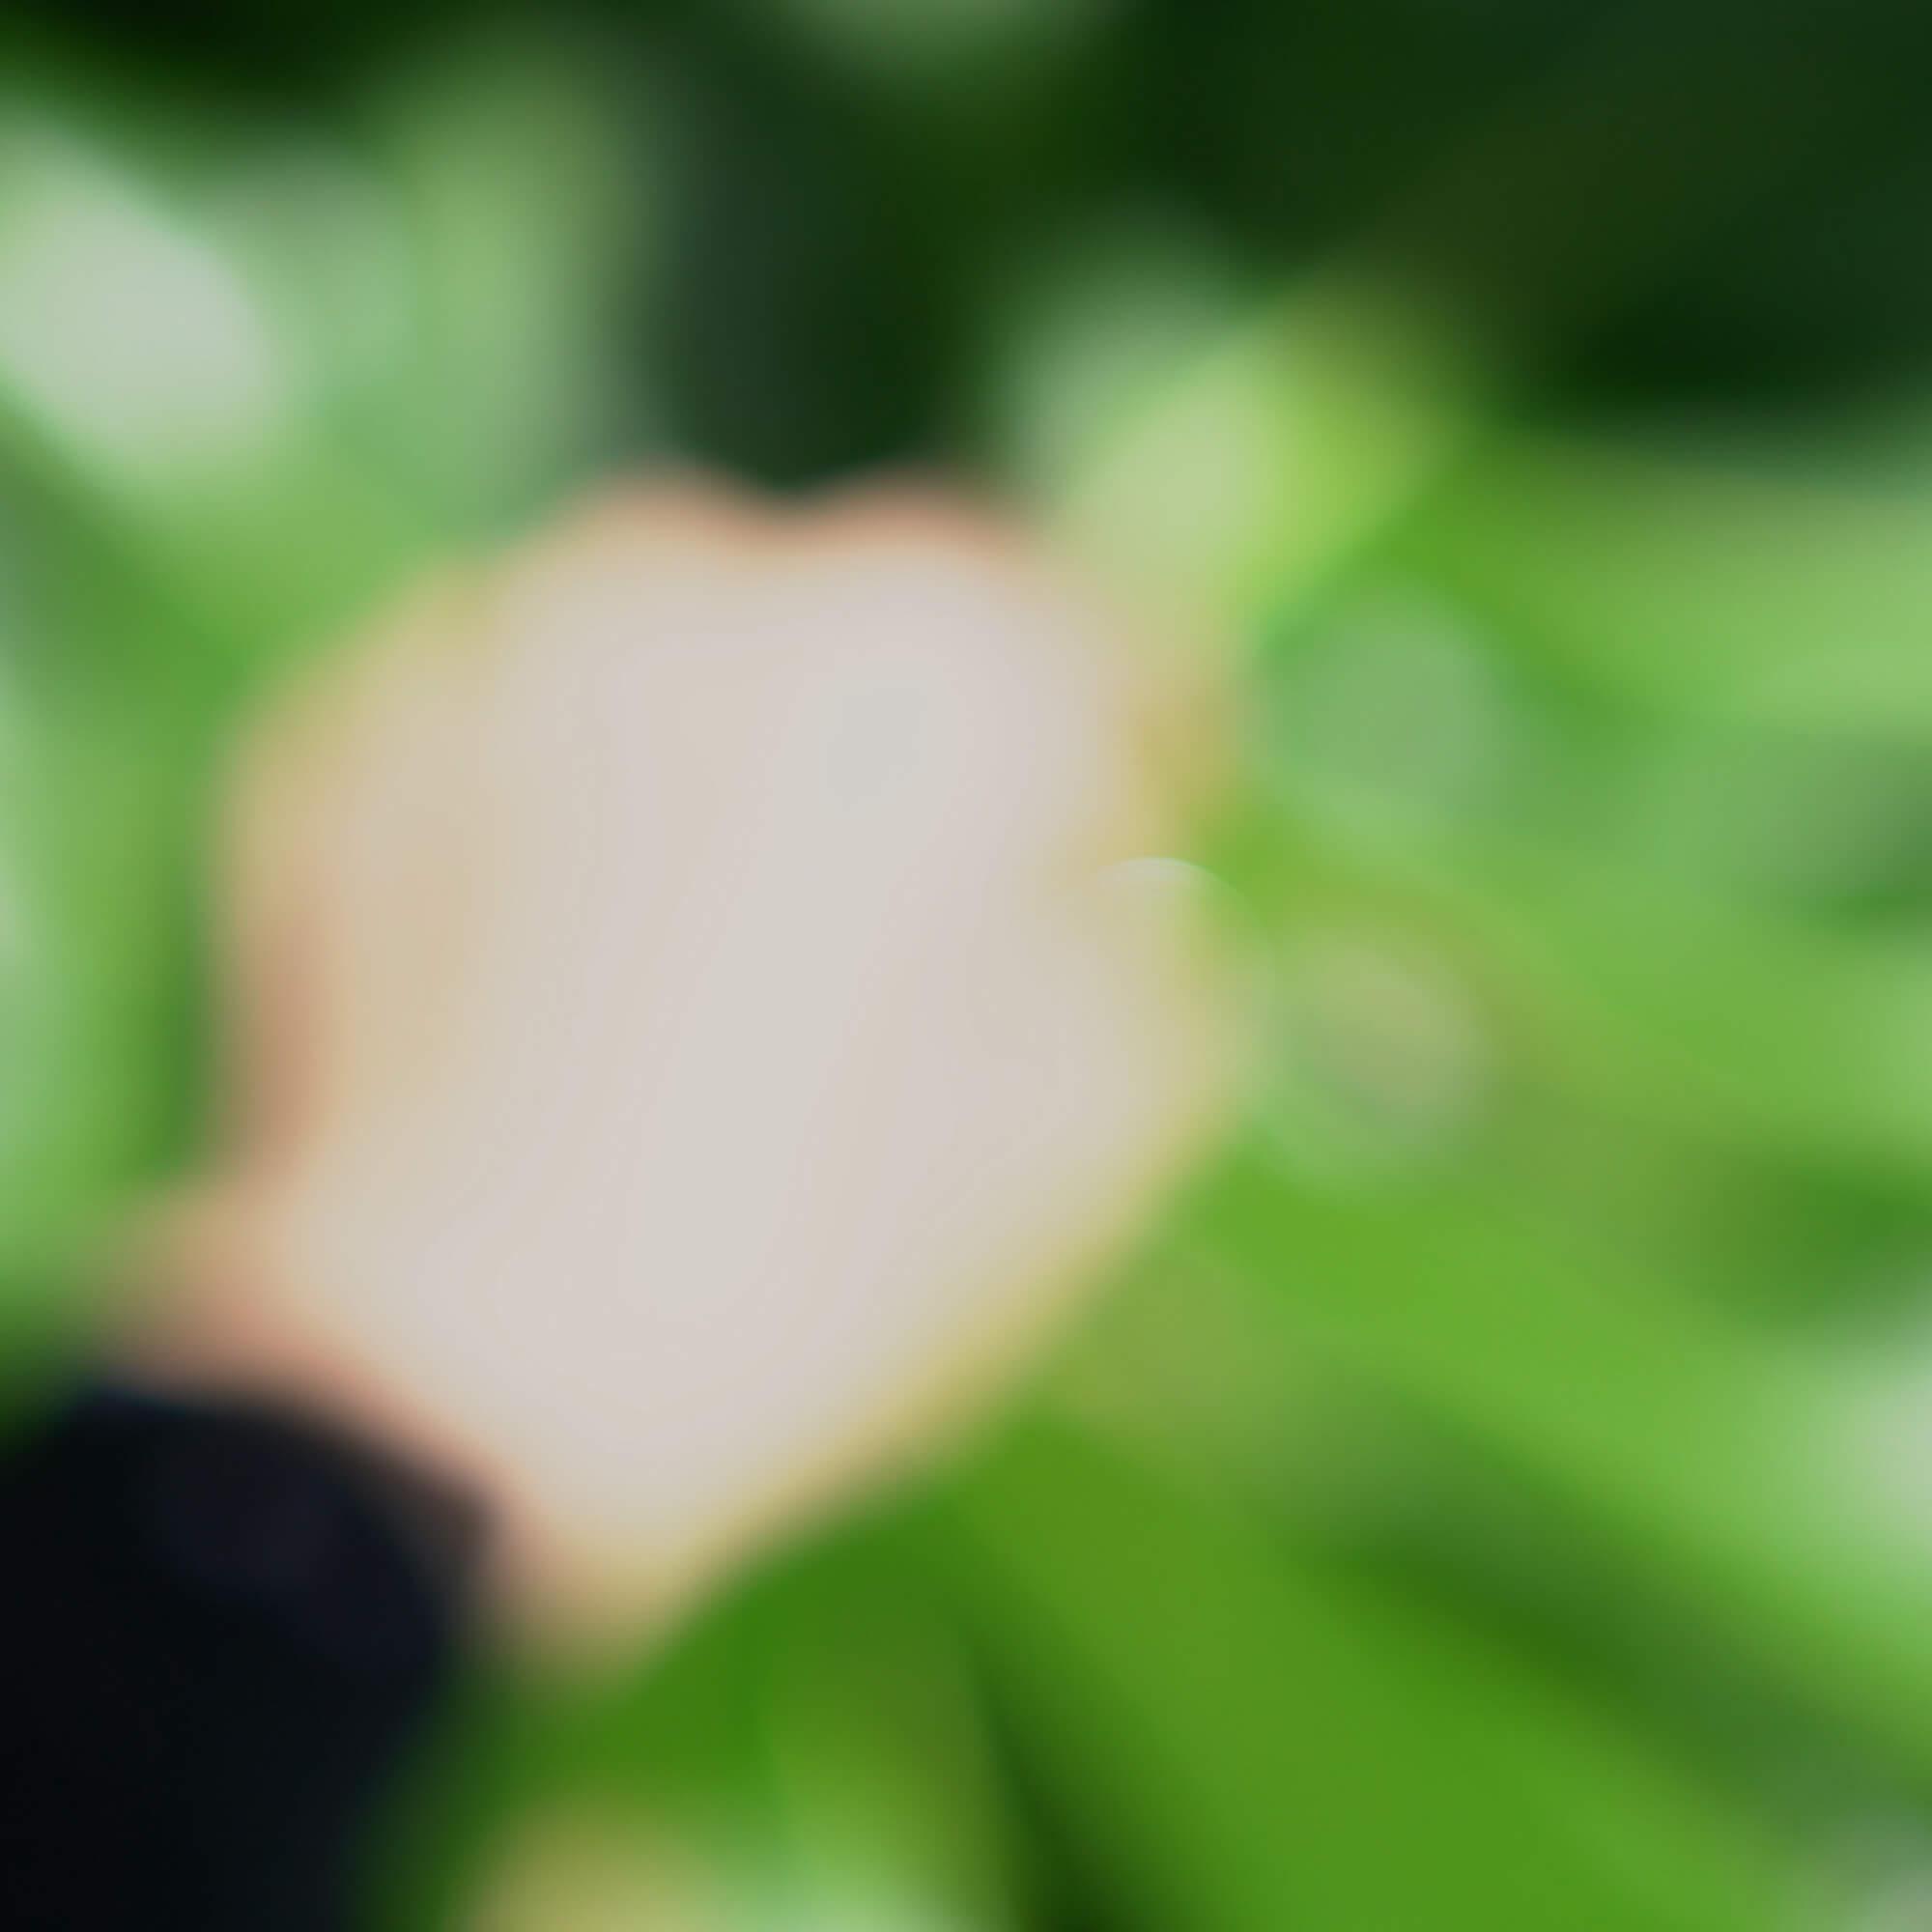 屋久島の緑の中 手の中に結婚指輪 屋久島森とジュエリー 屋久島でつくる結婚指輪